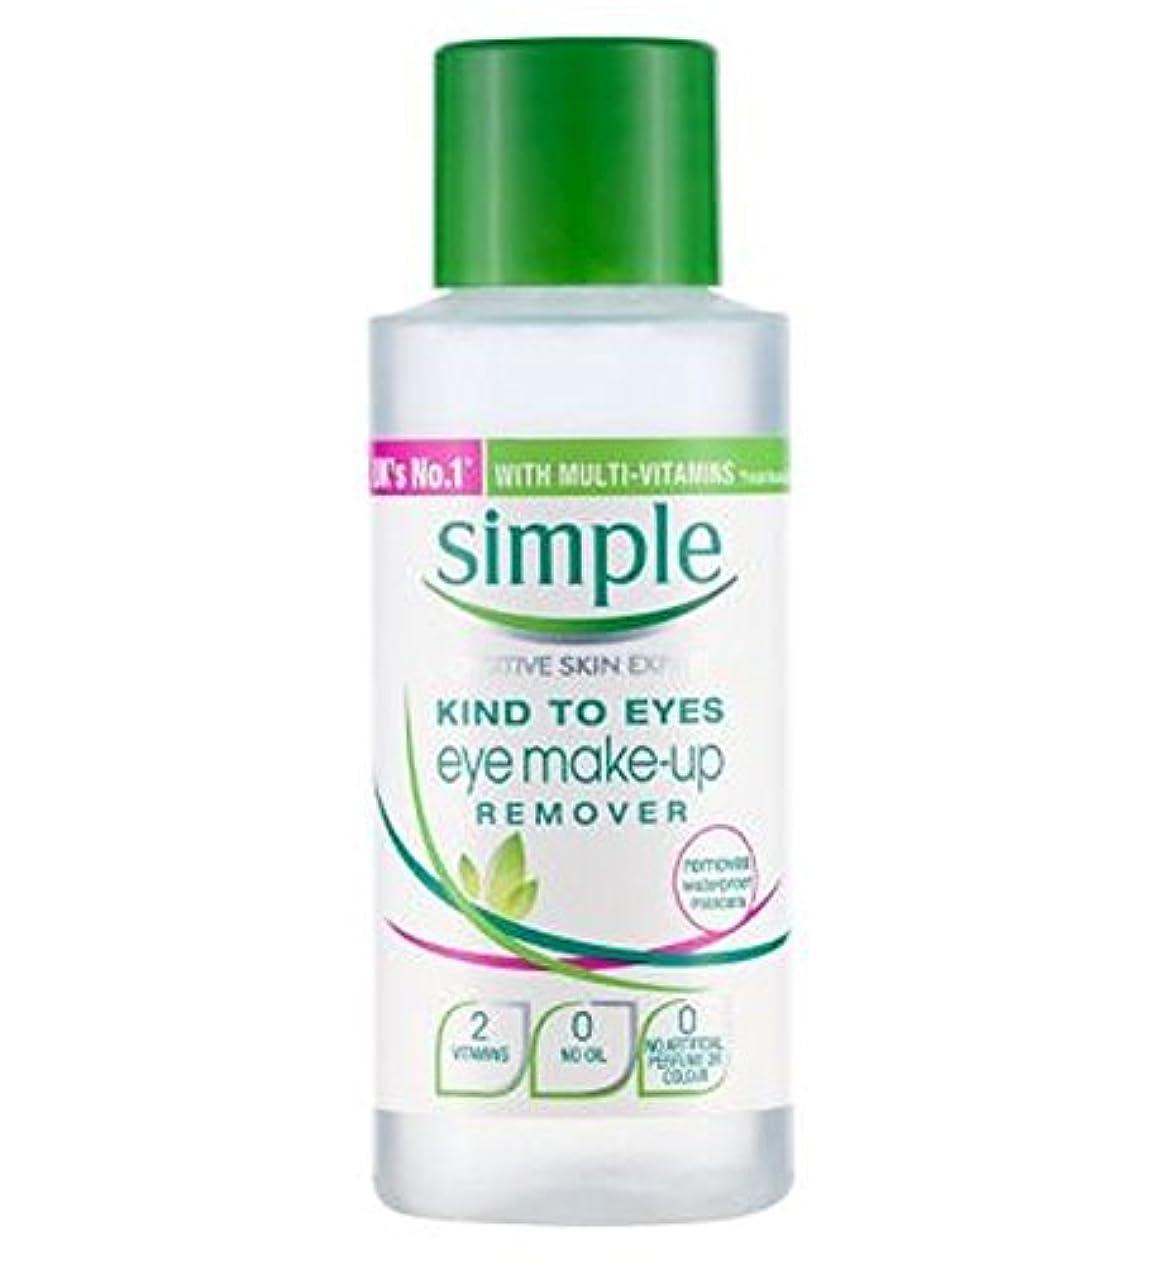 矢背骨宣教師目のアイメイクアップリムーバーの50ミリリットルへの単純な種類 (Simple) (x2) - Simple Kind to Eyes Eye Make-Up Remover 50ml (Pack of 2) [並行輸入品]